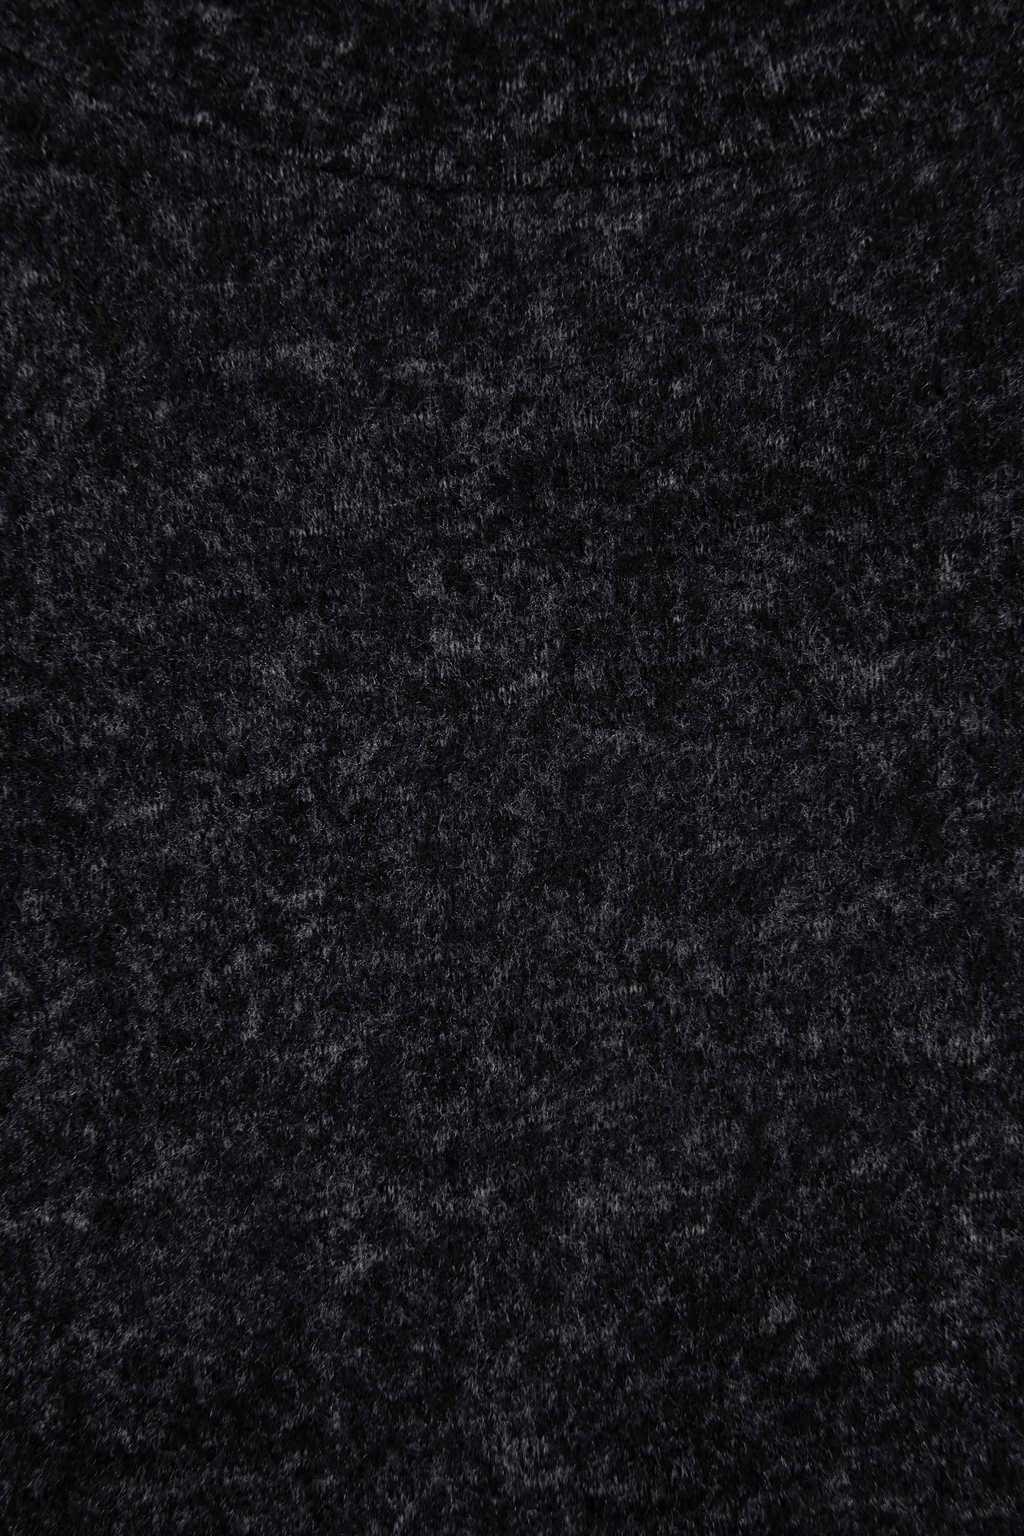 TShirt 2689 Black 12